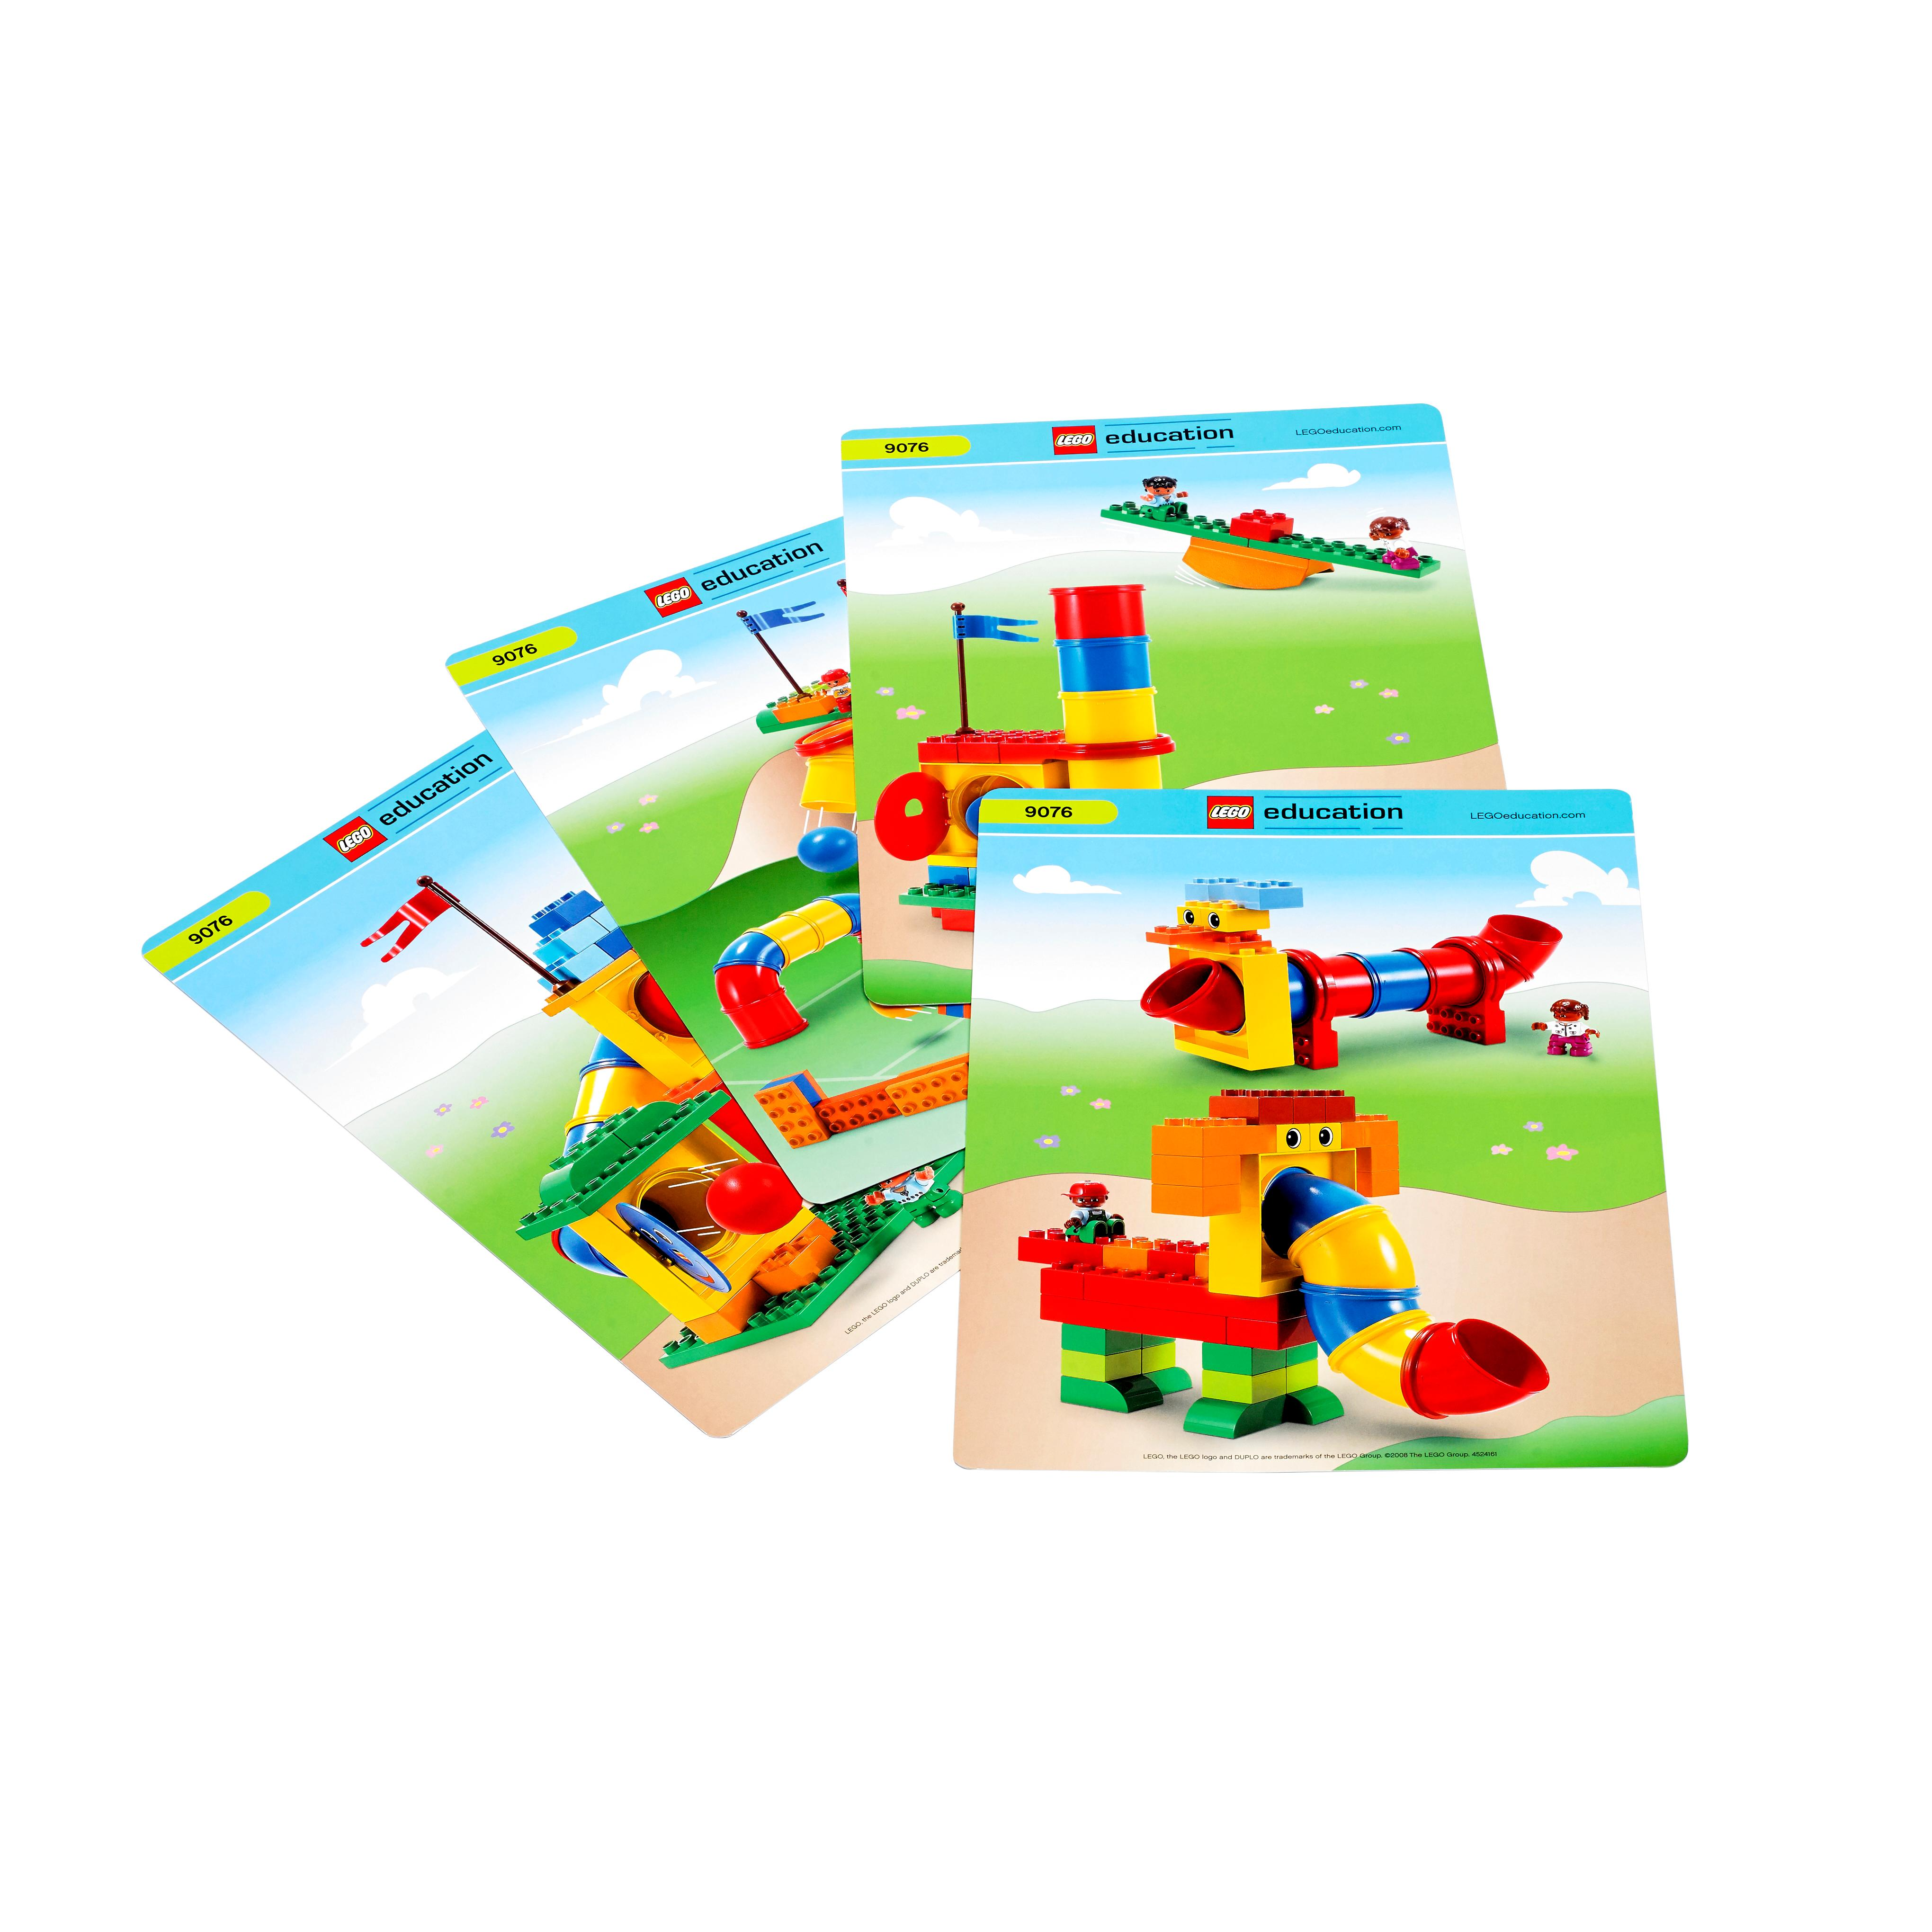 Lego education duplo tubes experiment set 4510978 147 for Modele maison lego duplo